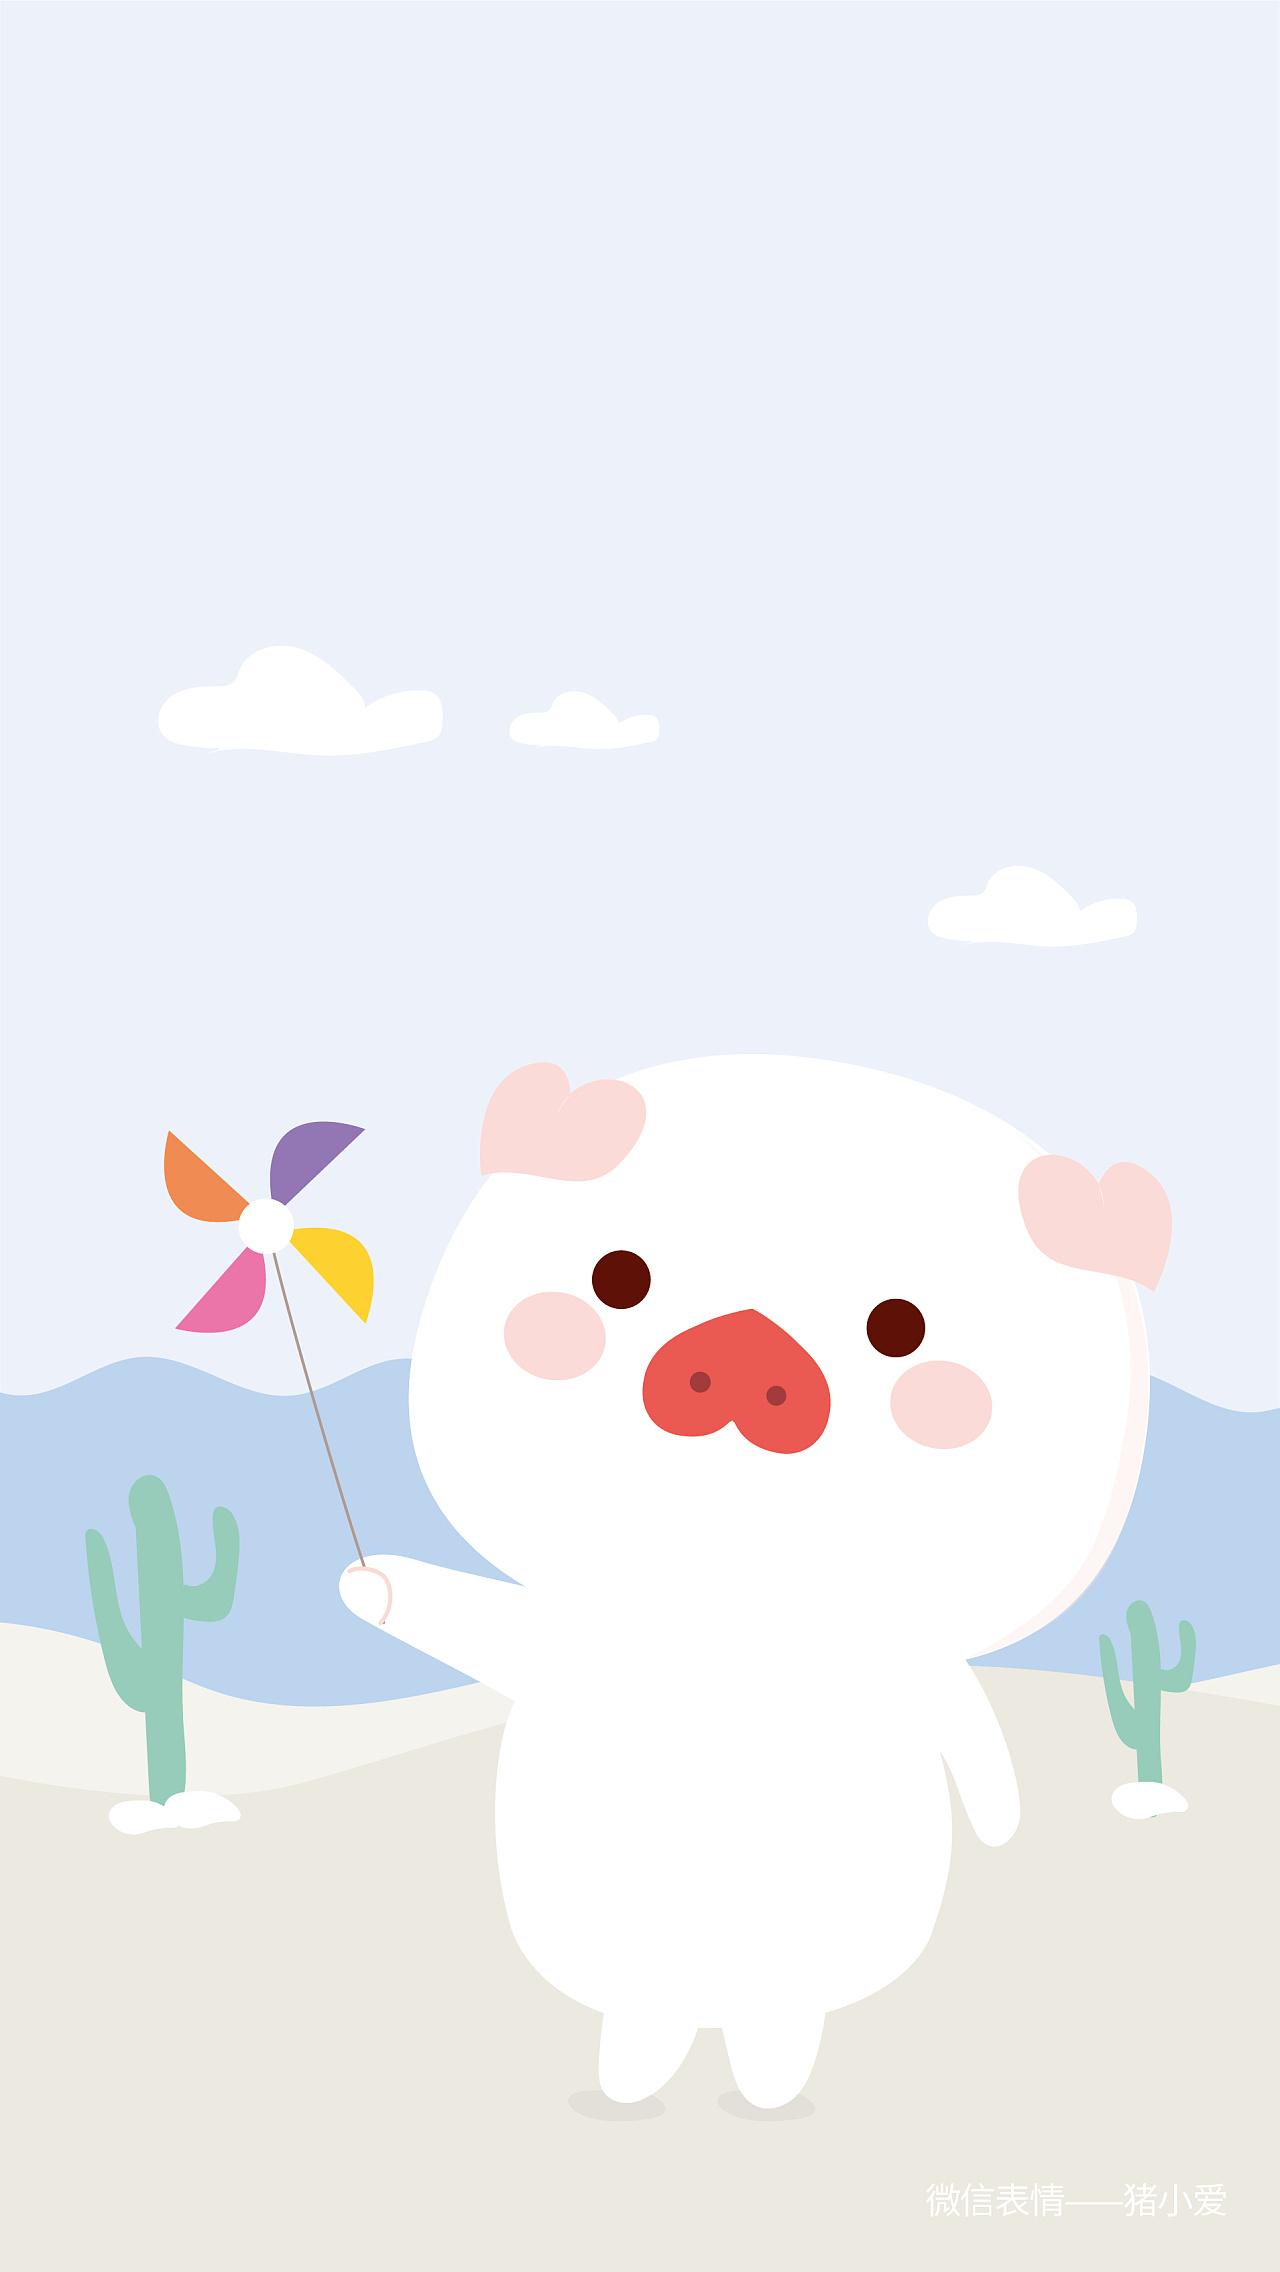 微信表情猪小爱猪年大吉猪表情可爱表情蘑菇包头ok图片